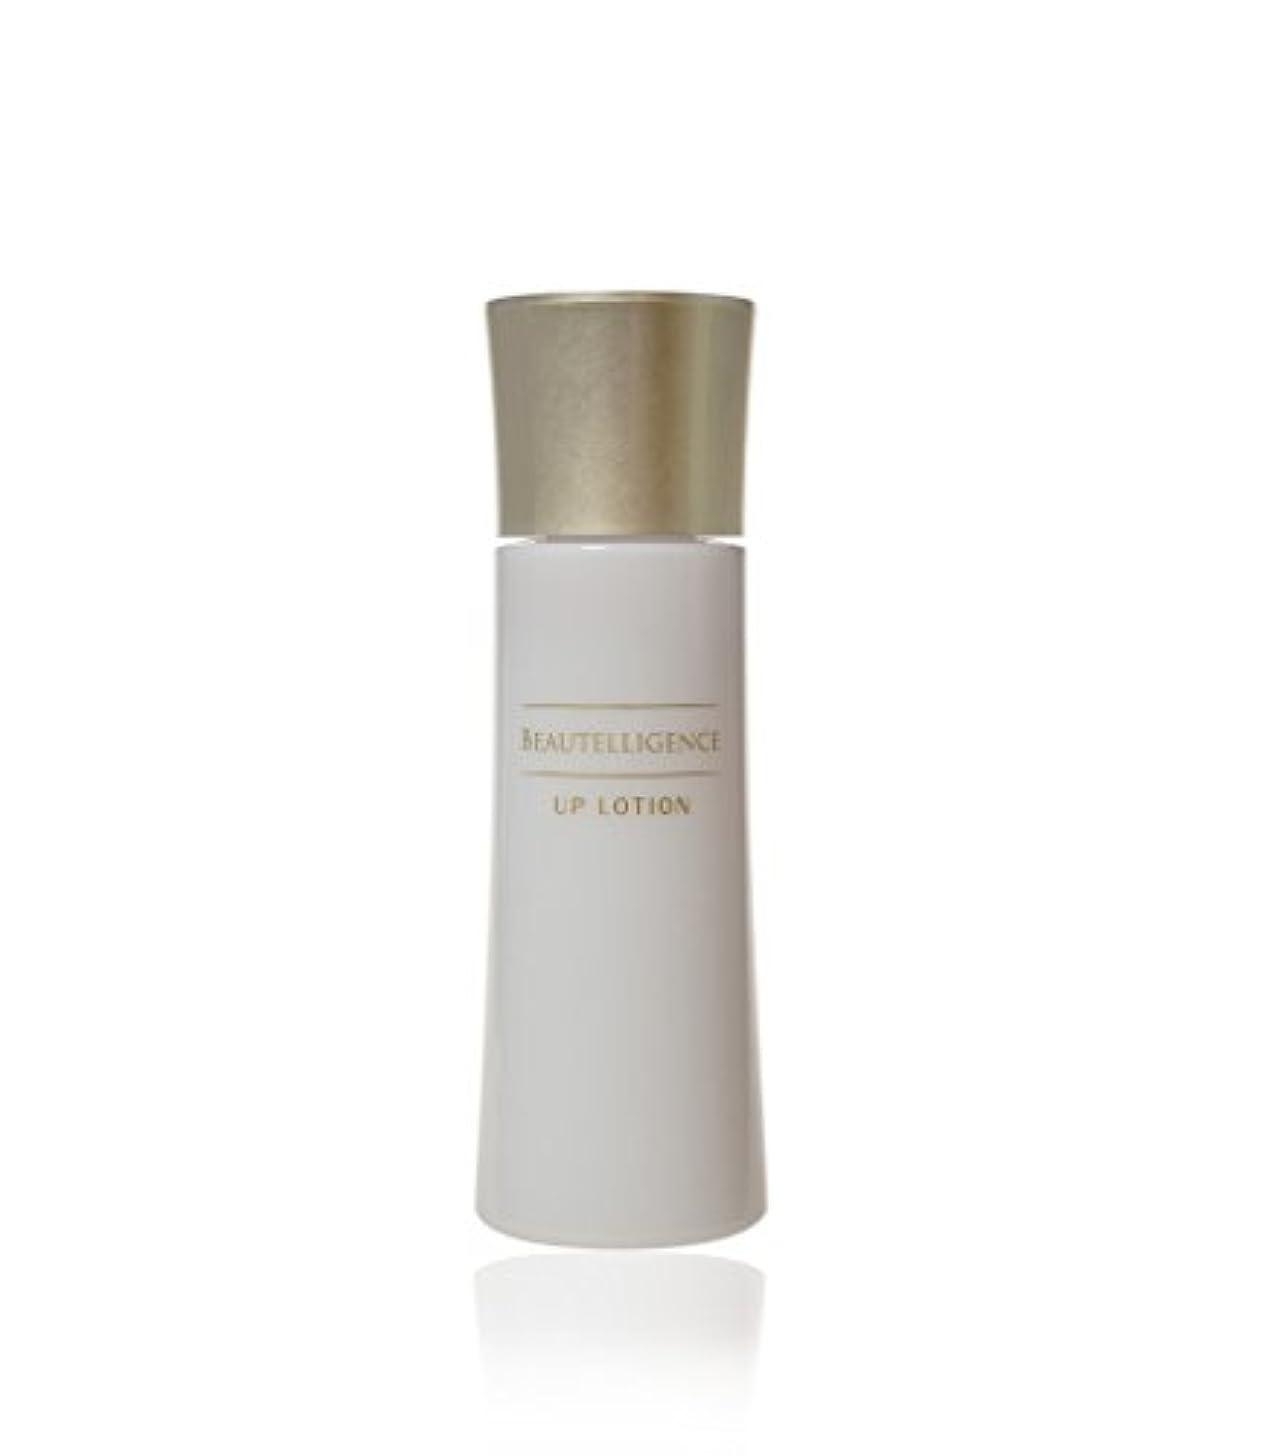 引く豪華な認める[ アップローション ] ひきしめ 化粧水 美容液 ハリ NEWA オシリフト グリシルグリシン エイジングケア